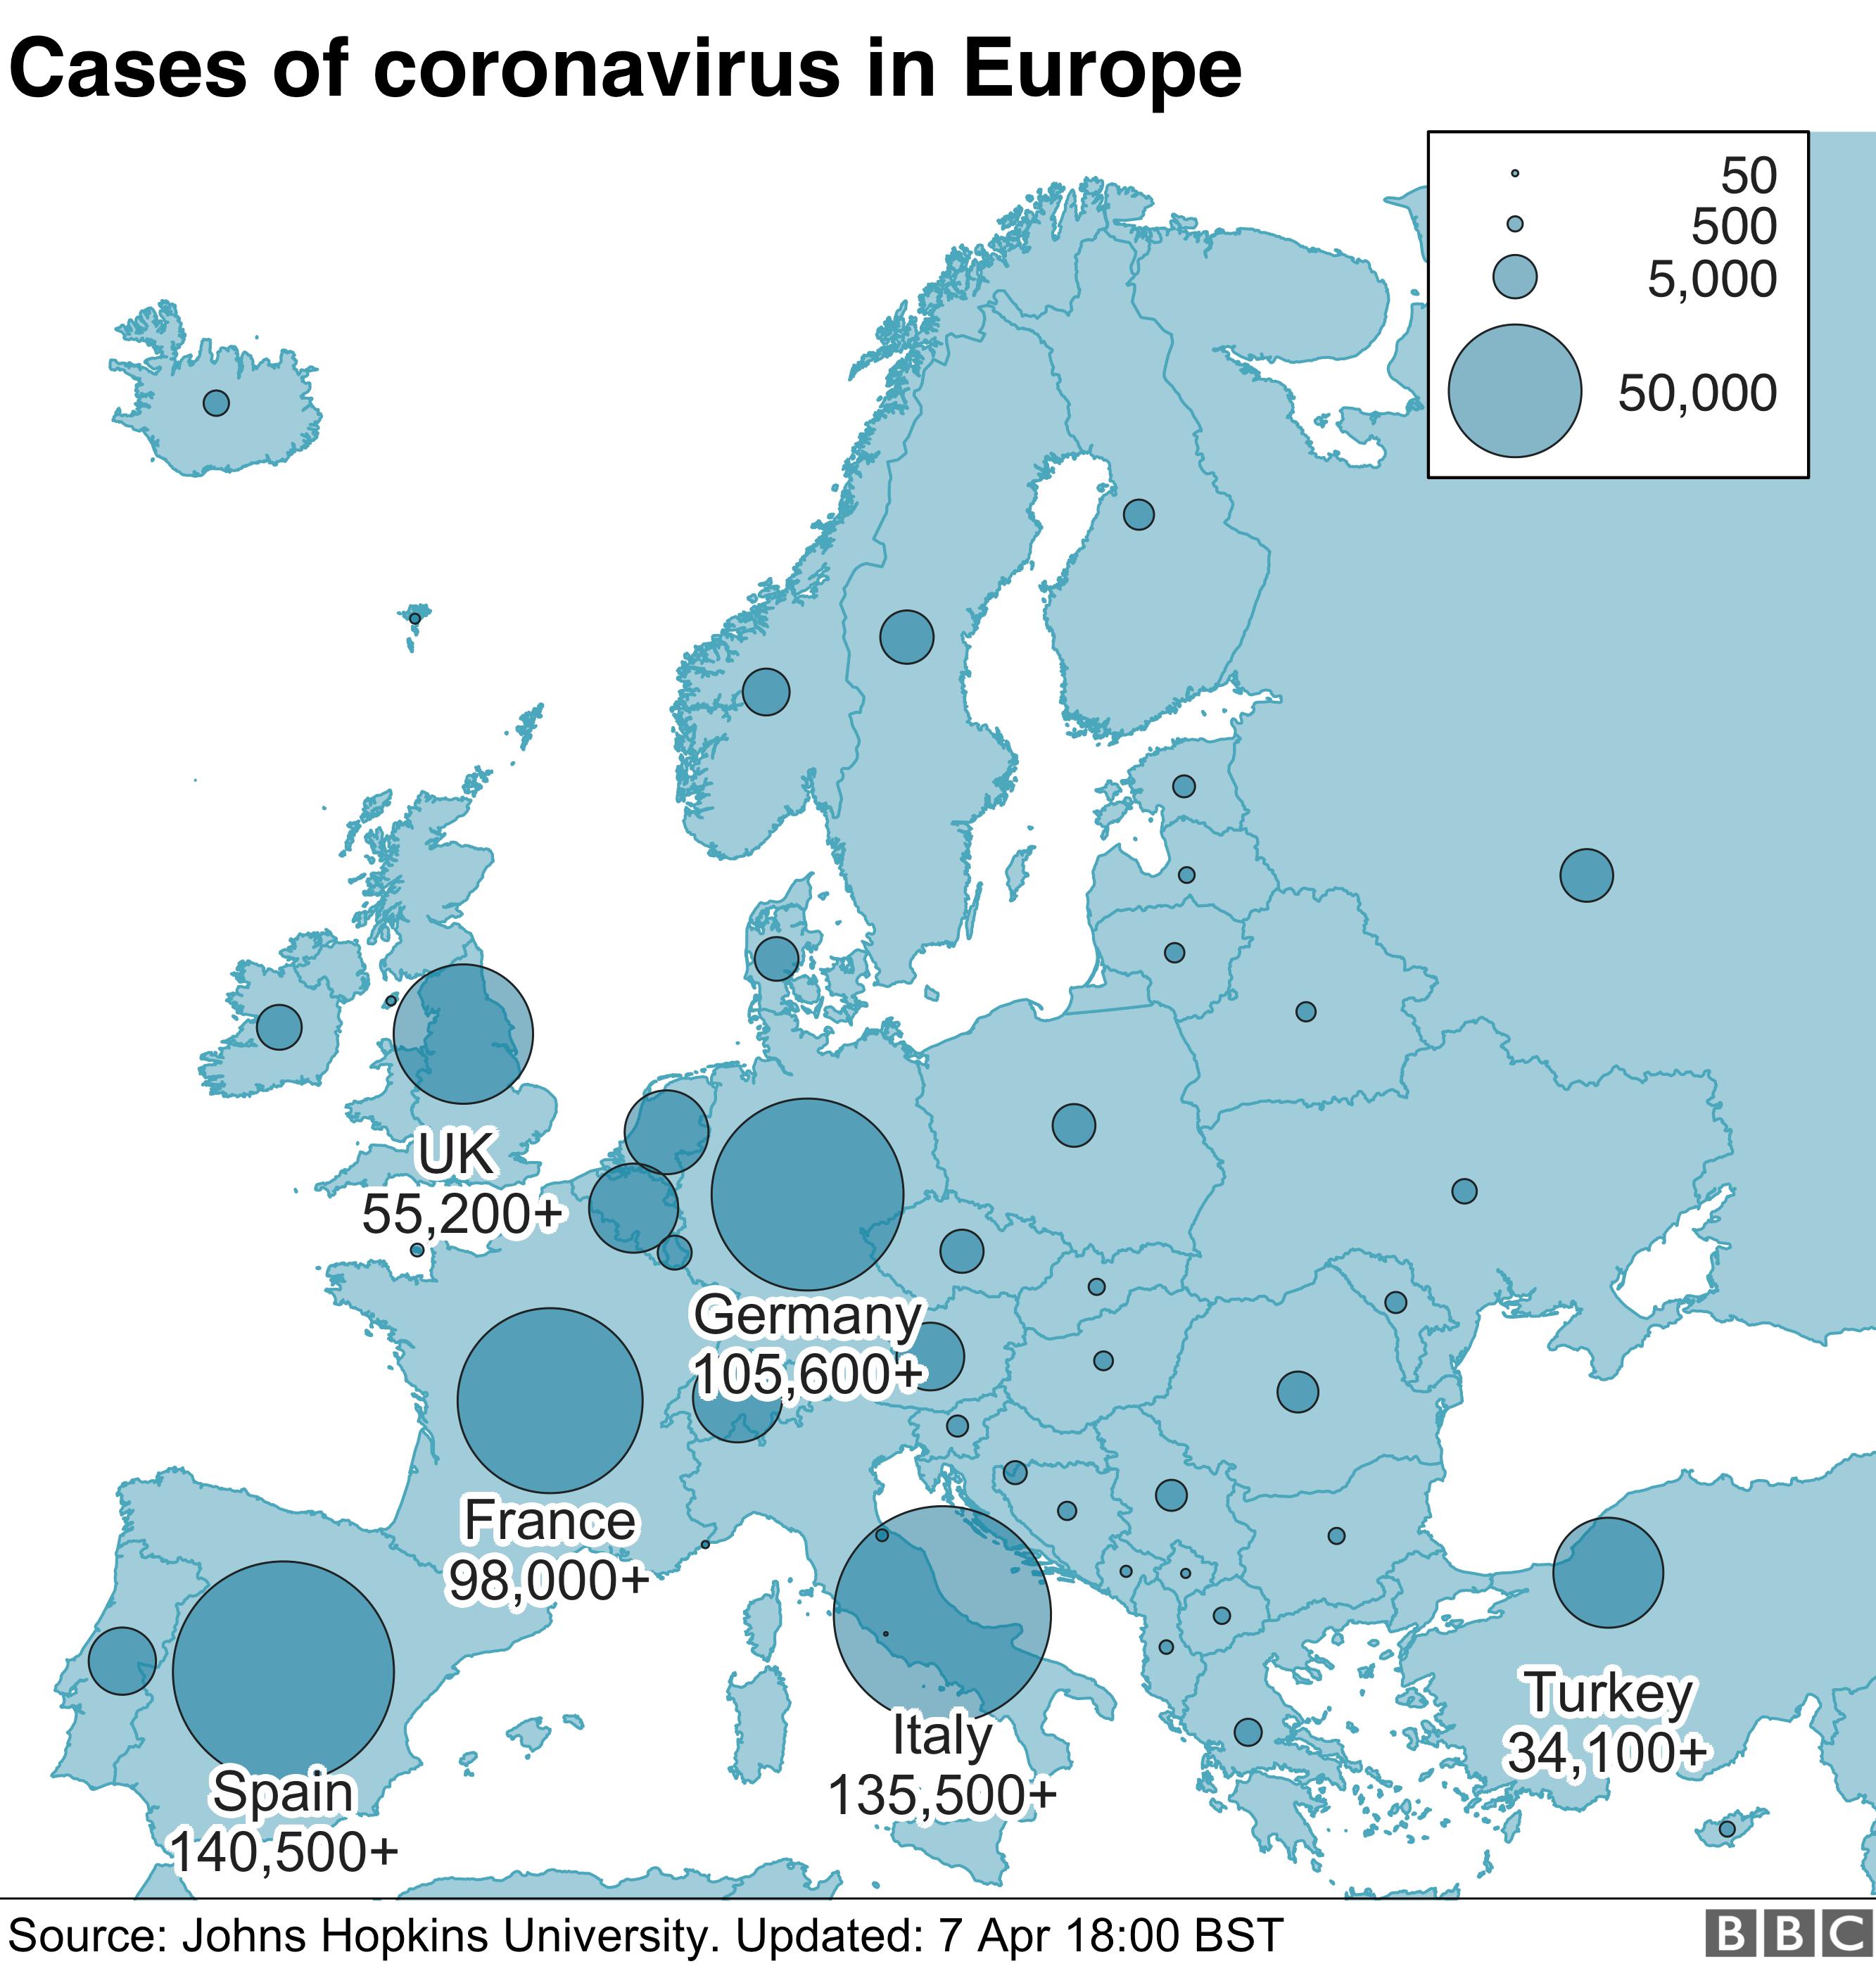 該圖顯示了歐洲國家中的冠狀病毒病例數。 西班牙已超過意大利成為確診案例最多的國家